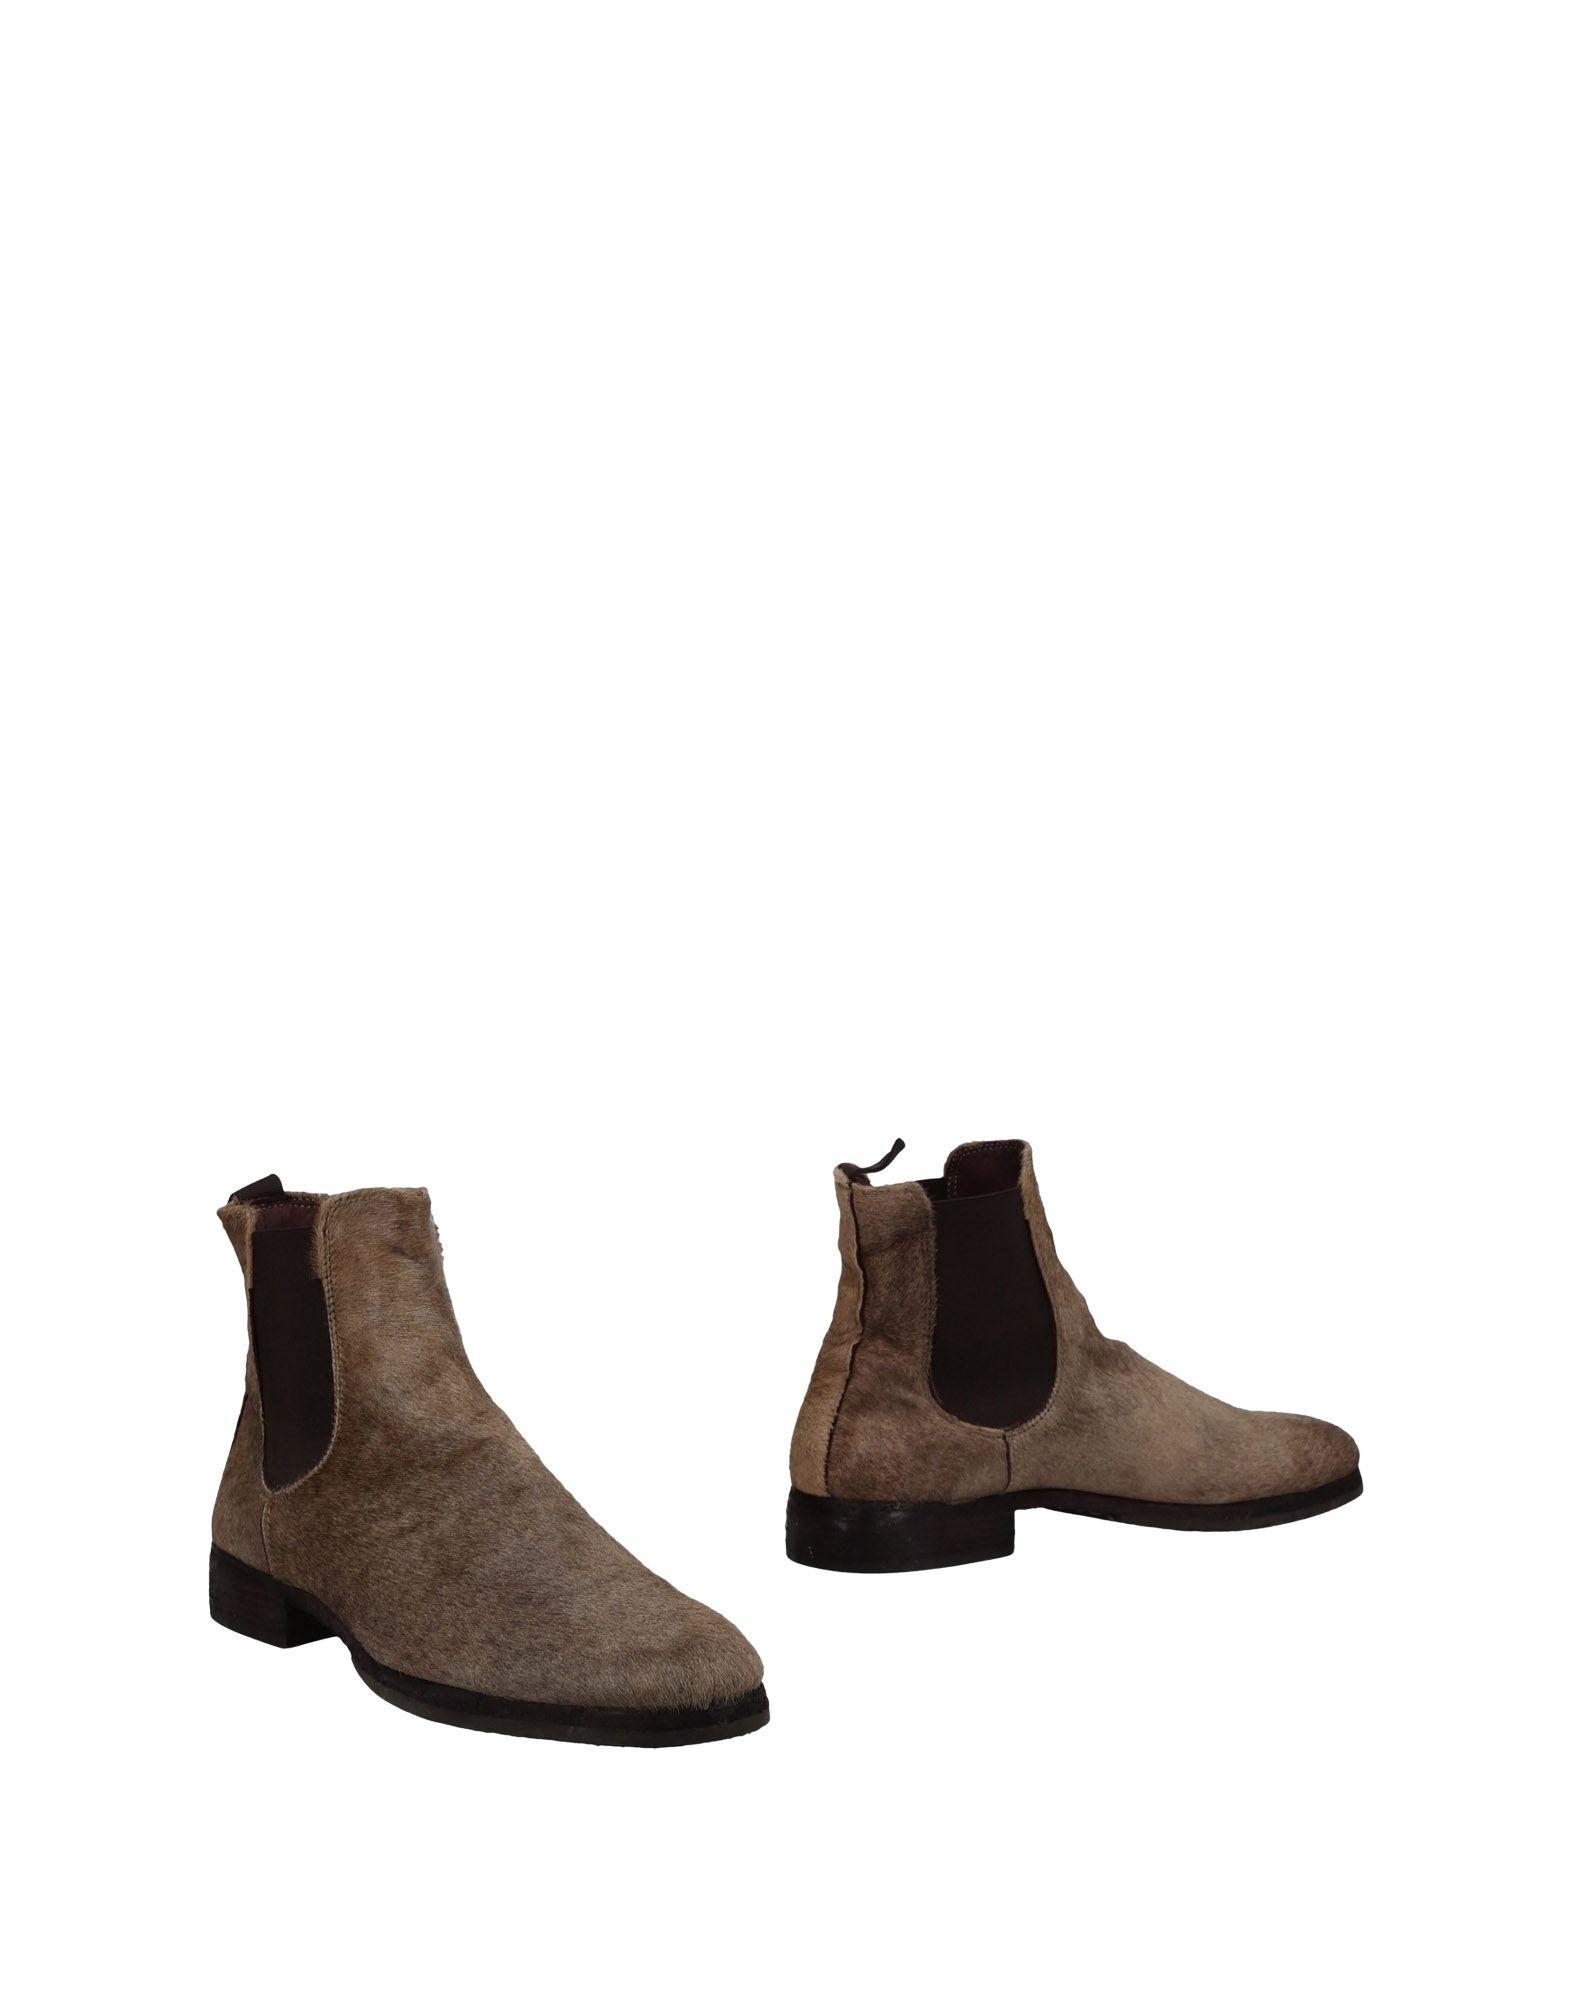 Pantofola D'oro Stiefelette Herren  11483939OM Gute Qualität beliebte Schuhe